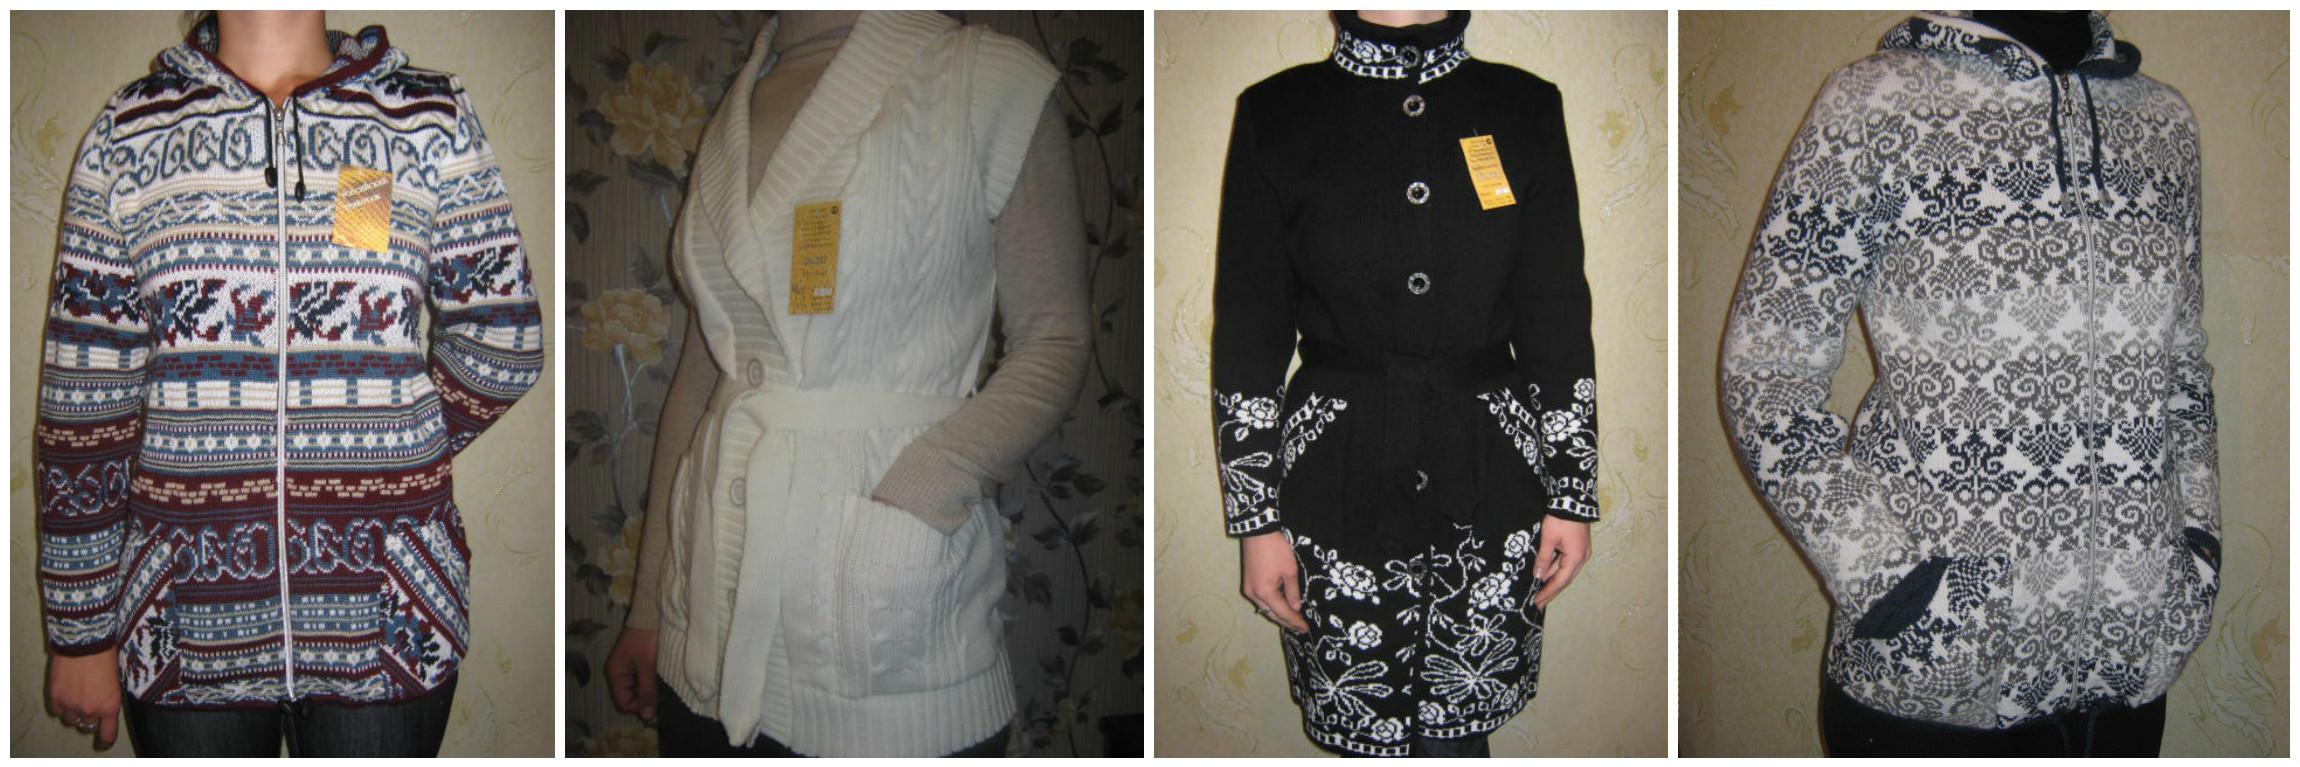 Сбор заказов. Вязанные жакеты и пальто , мужская и женская коллекция. Такие цены Вы давно искали!! Без рядов !!! Новые модели .Размеры 48-62. Выкуп 14